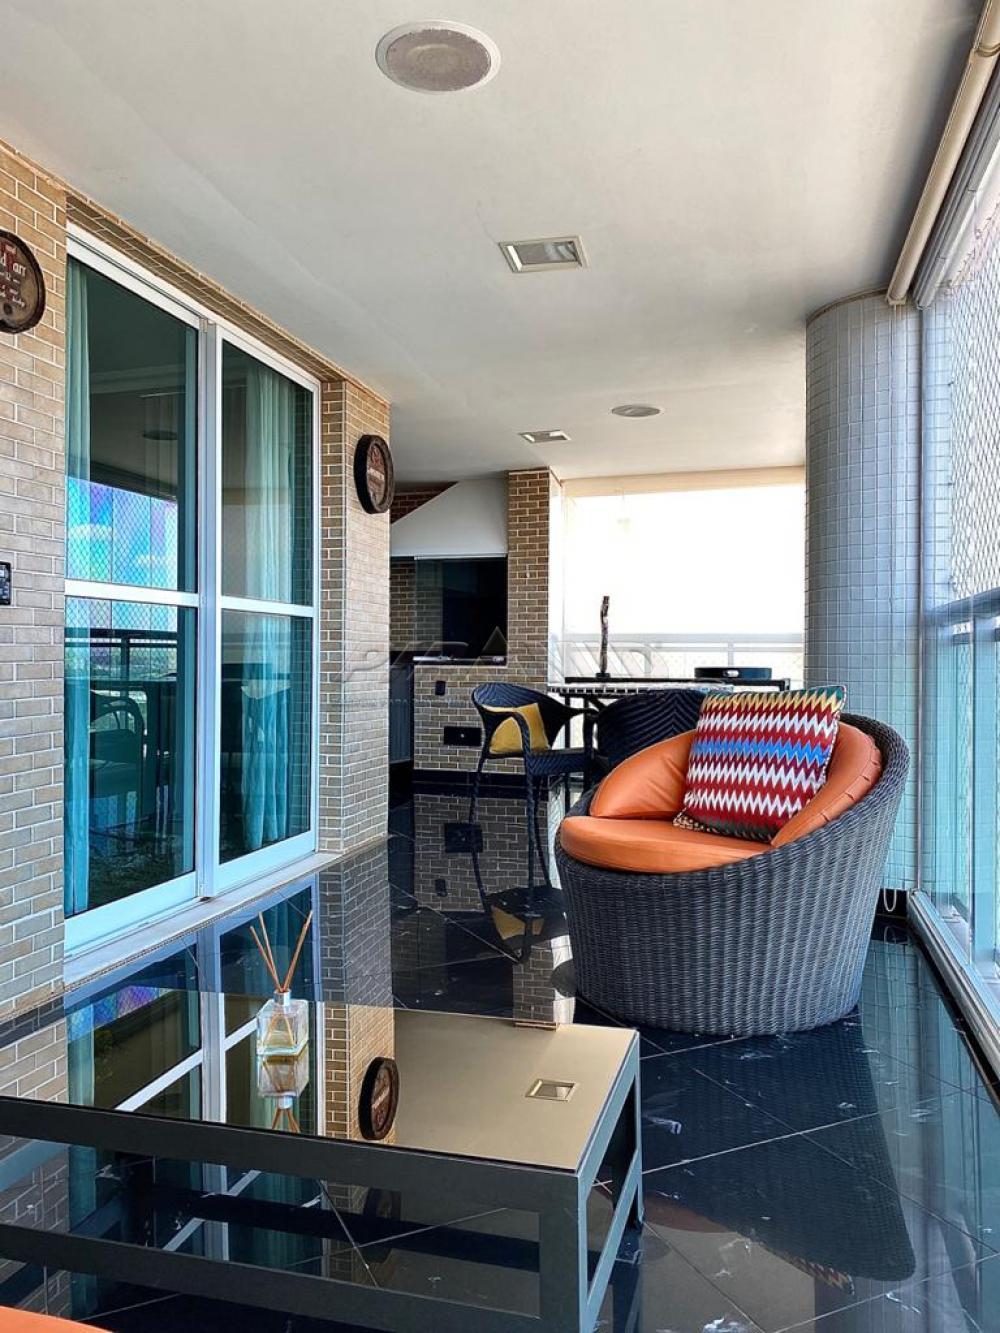 Comprar Apartamento / Cobertura em Ribeirão Preto apenas R$ 2.300.000,00 - Foto 8